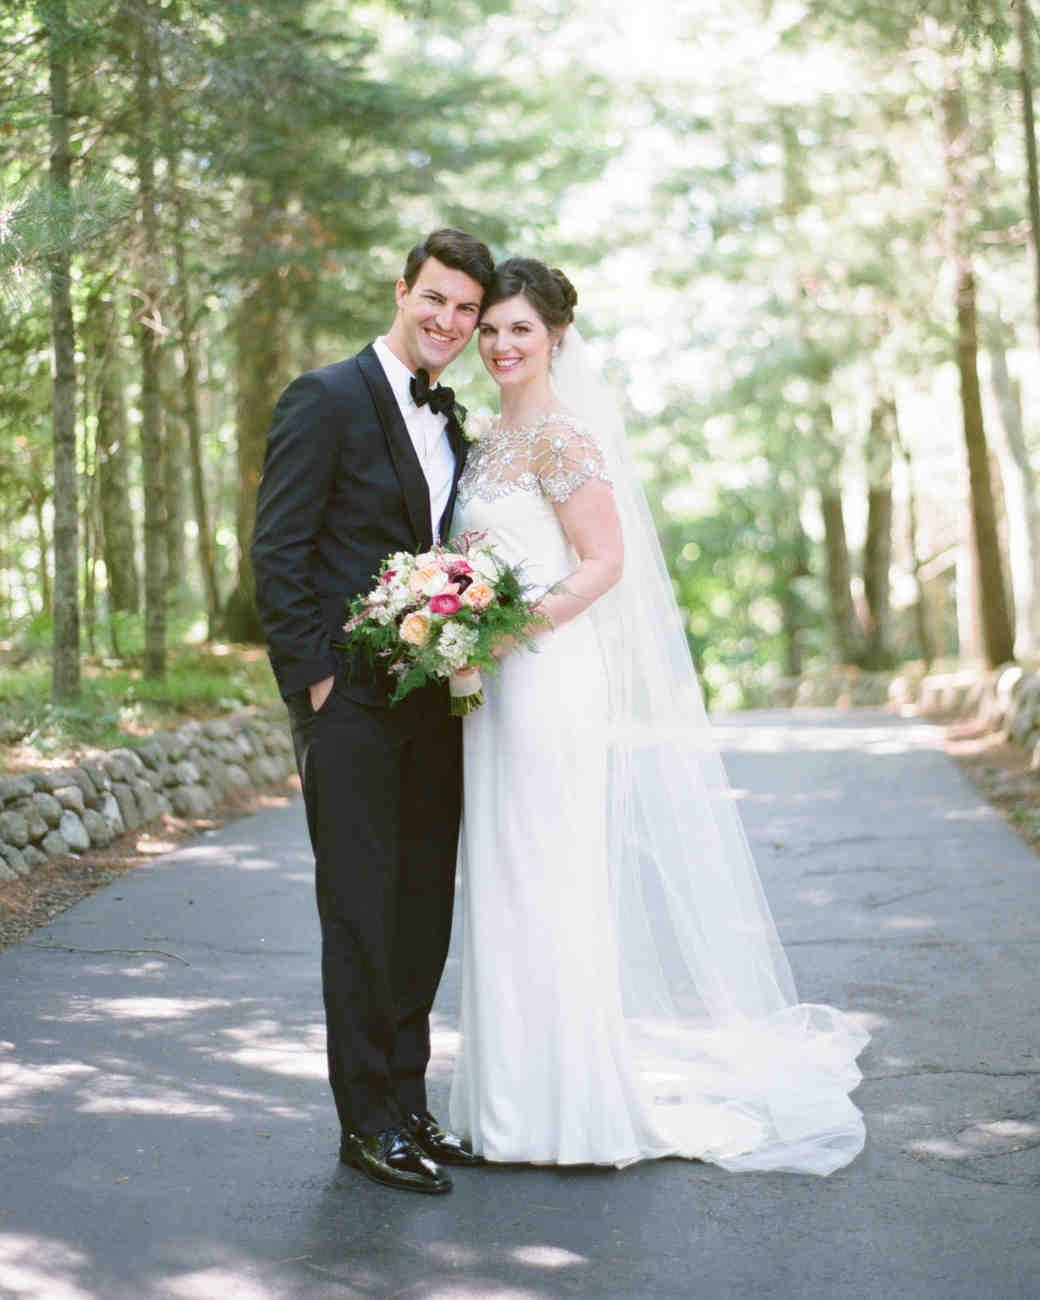 sara-nick-wedding-couple-154-s111719-1214.jpg